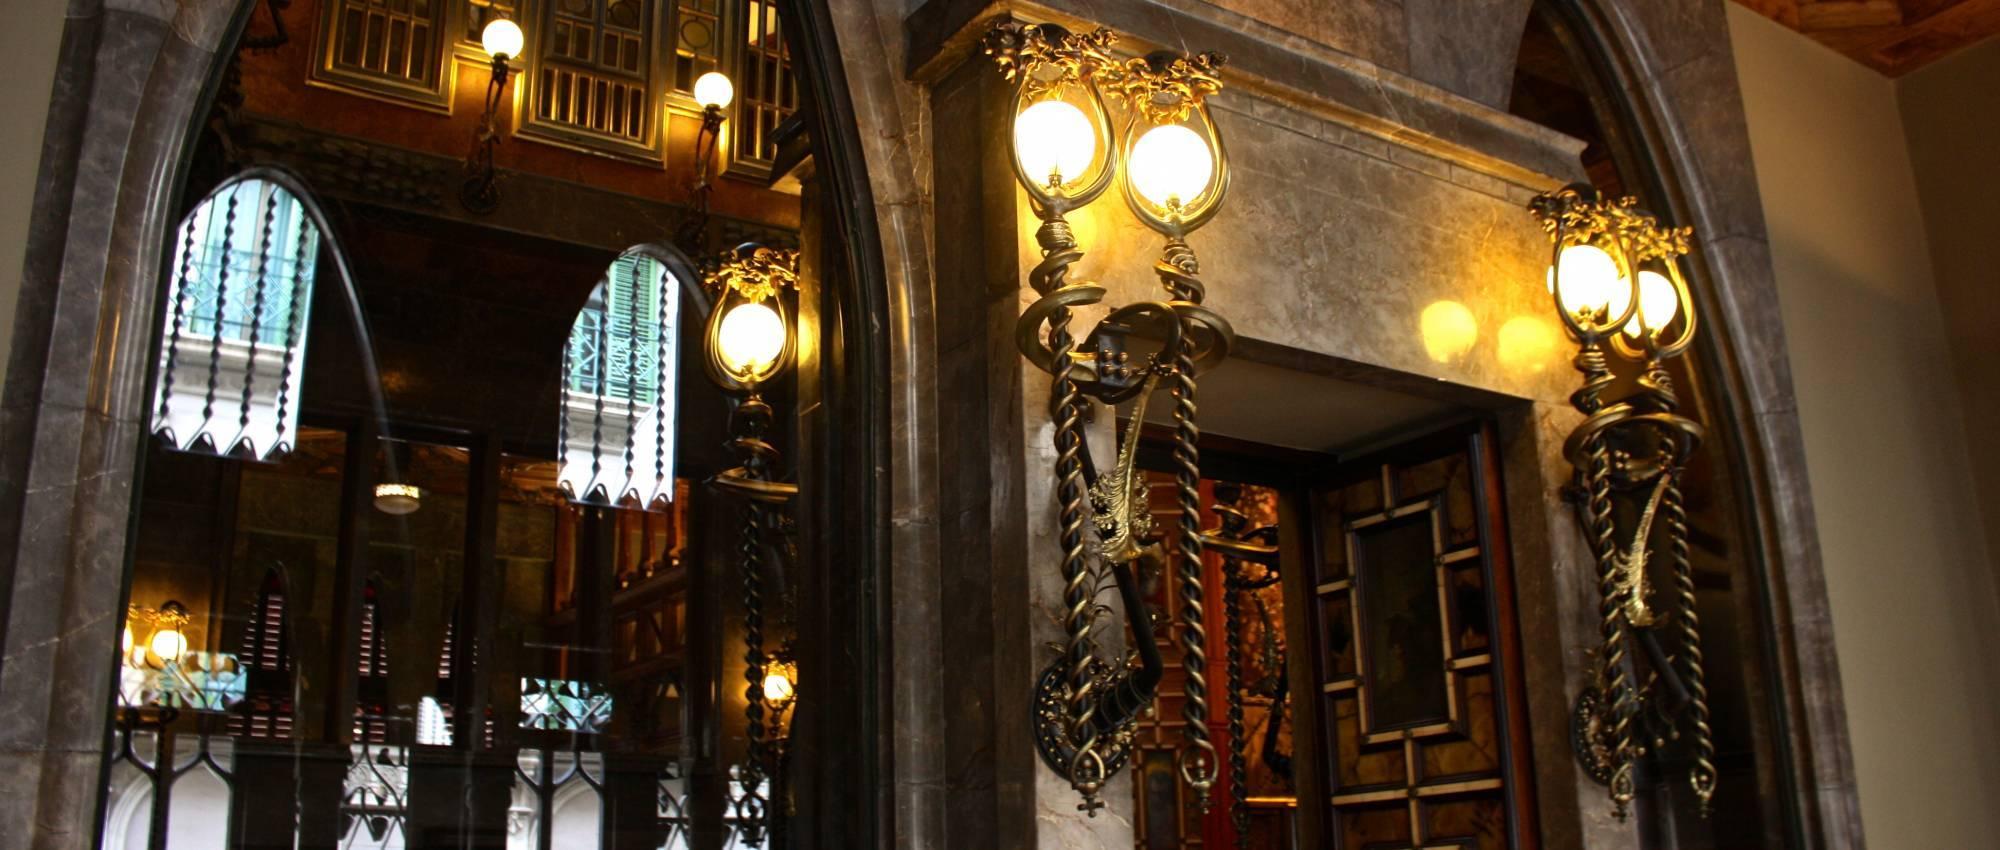 Волшебная архитектура антонио гауди - идеальный турист